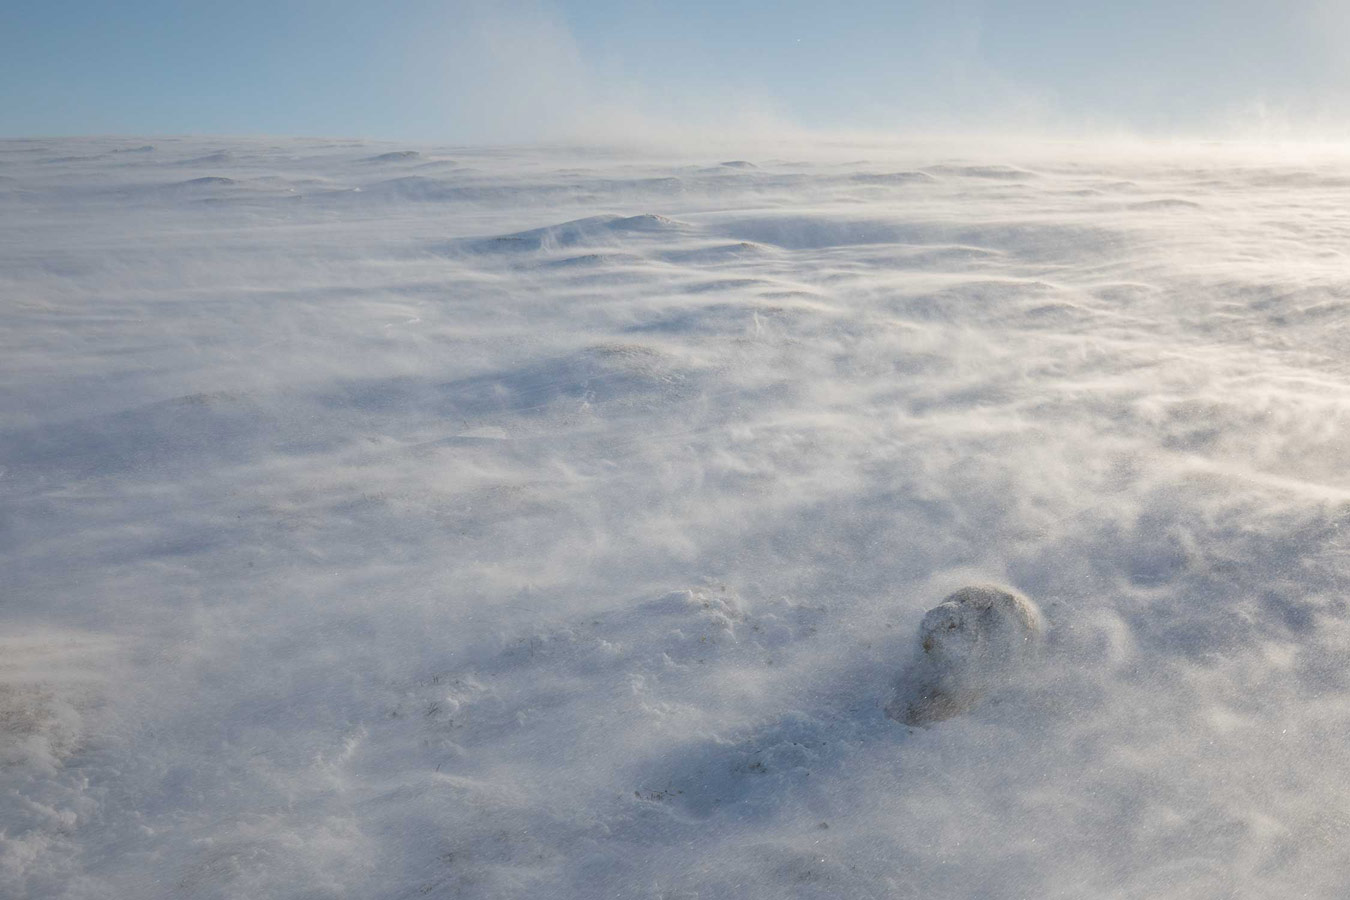 Эффектное уединение. Национальный парк Кэрнгормс, Шотландия, © Эндрю Паркинсон, Конкурс фотографий дикой природы British Wildlife